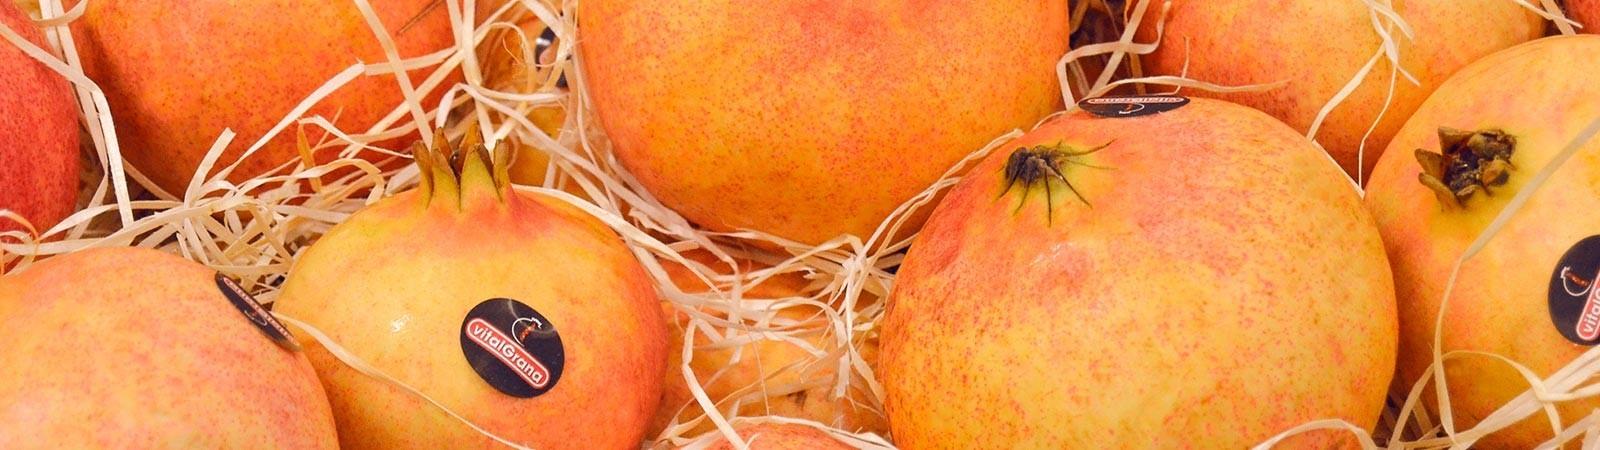 Productos de Granada Gourmet Online - Vitalgrana